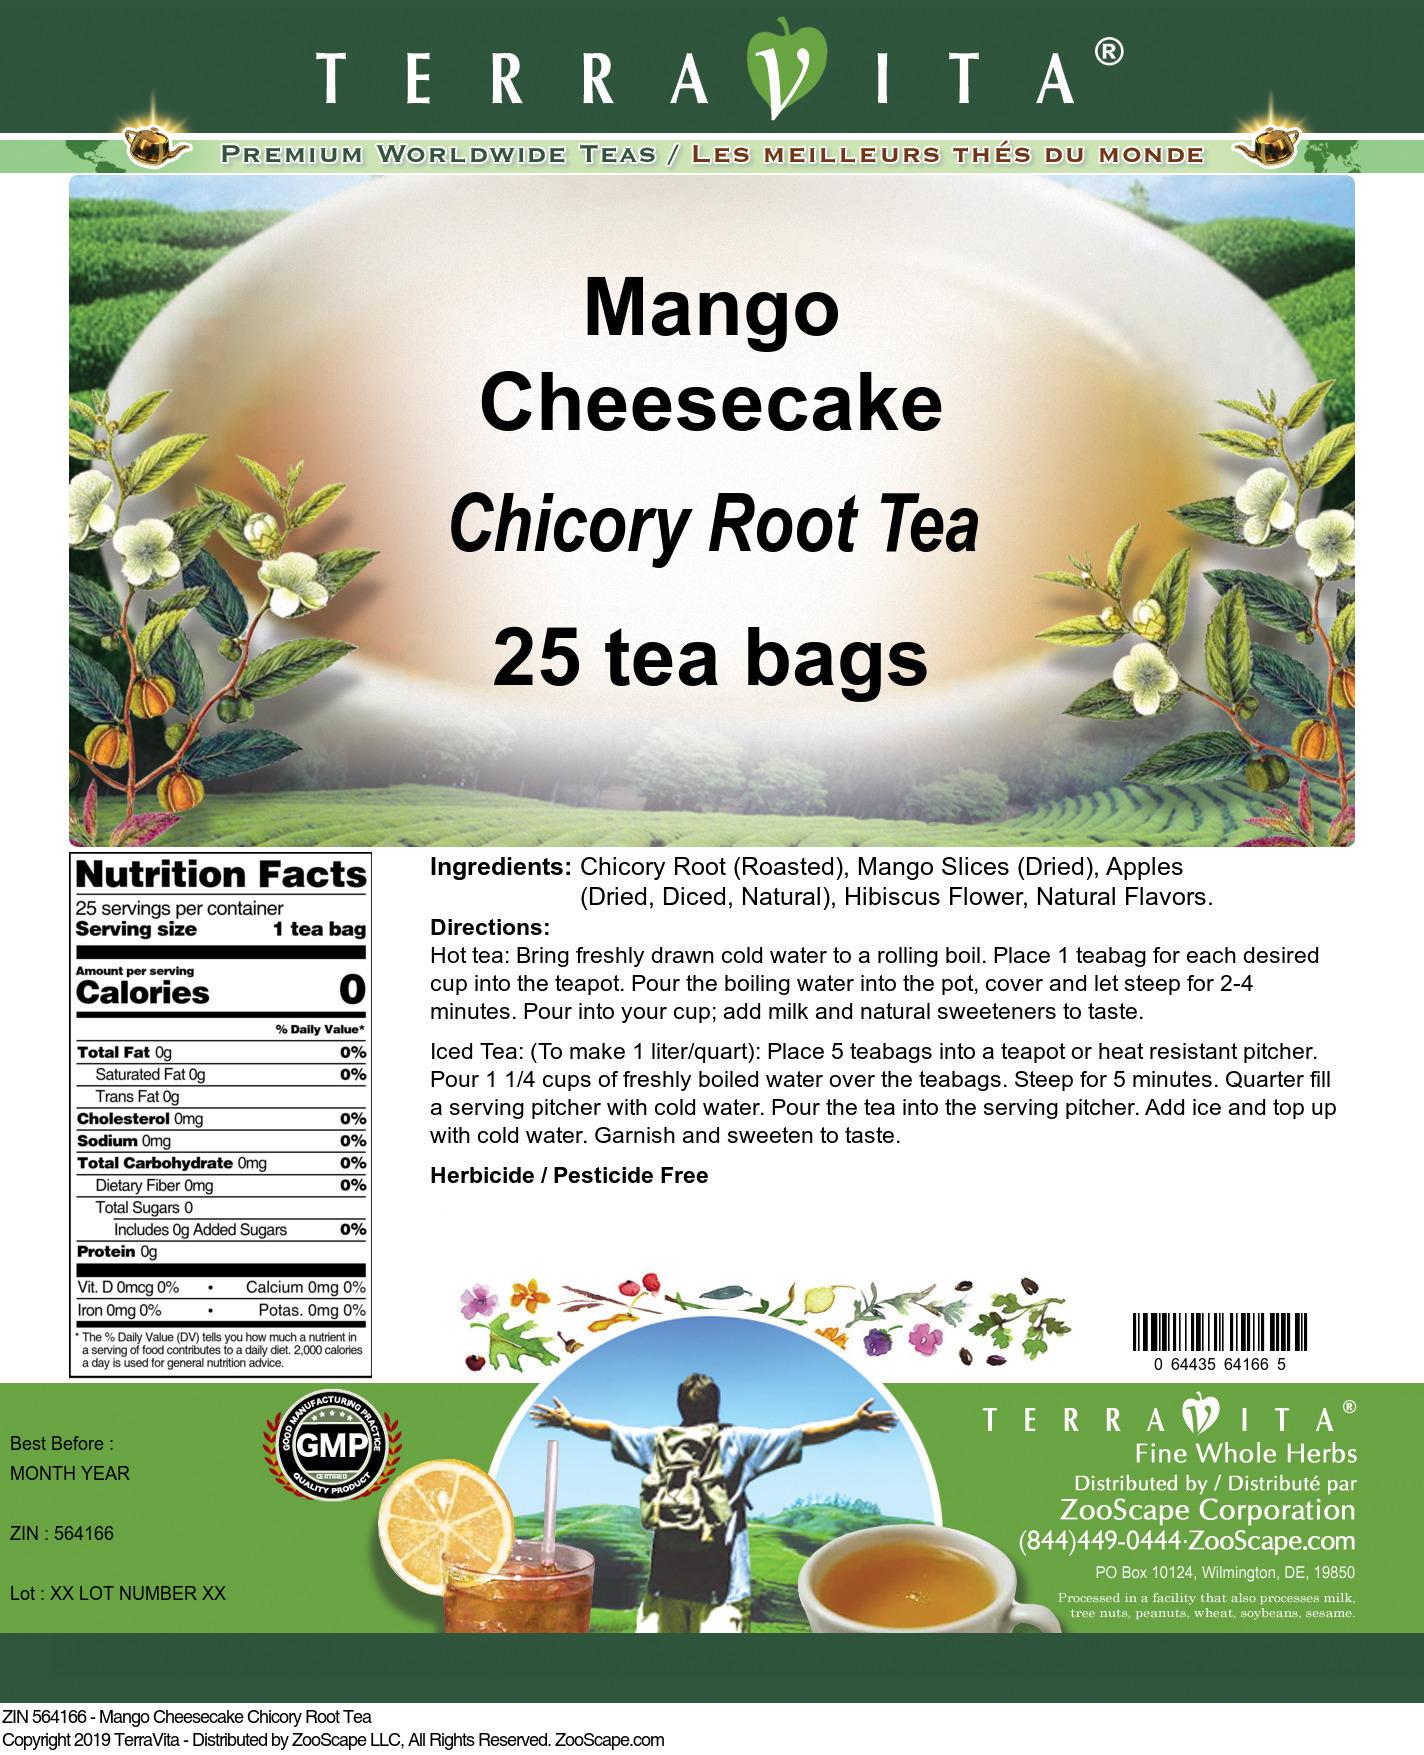 Mango Cheesecake Chicory Root